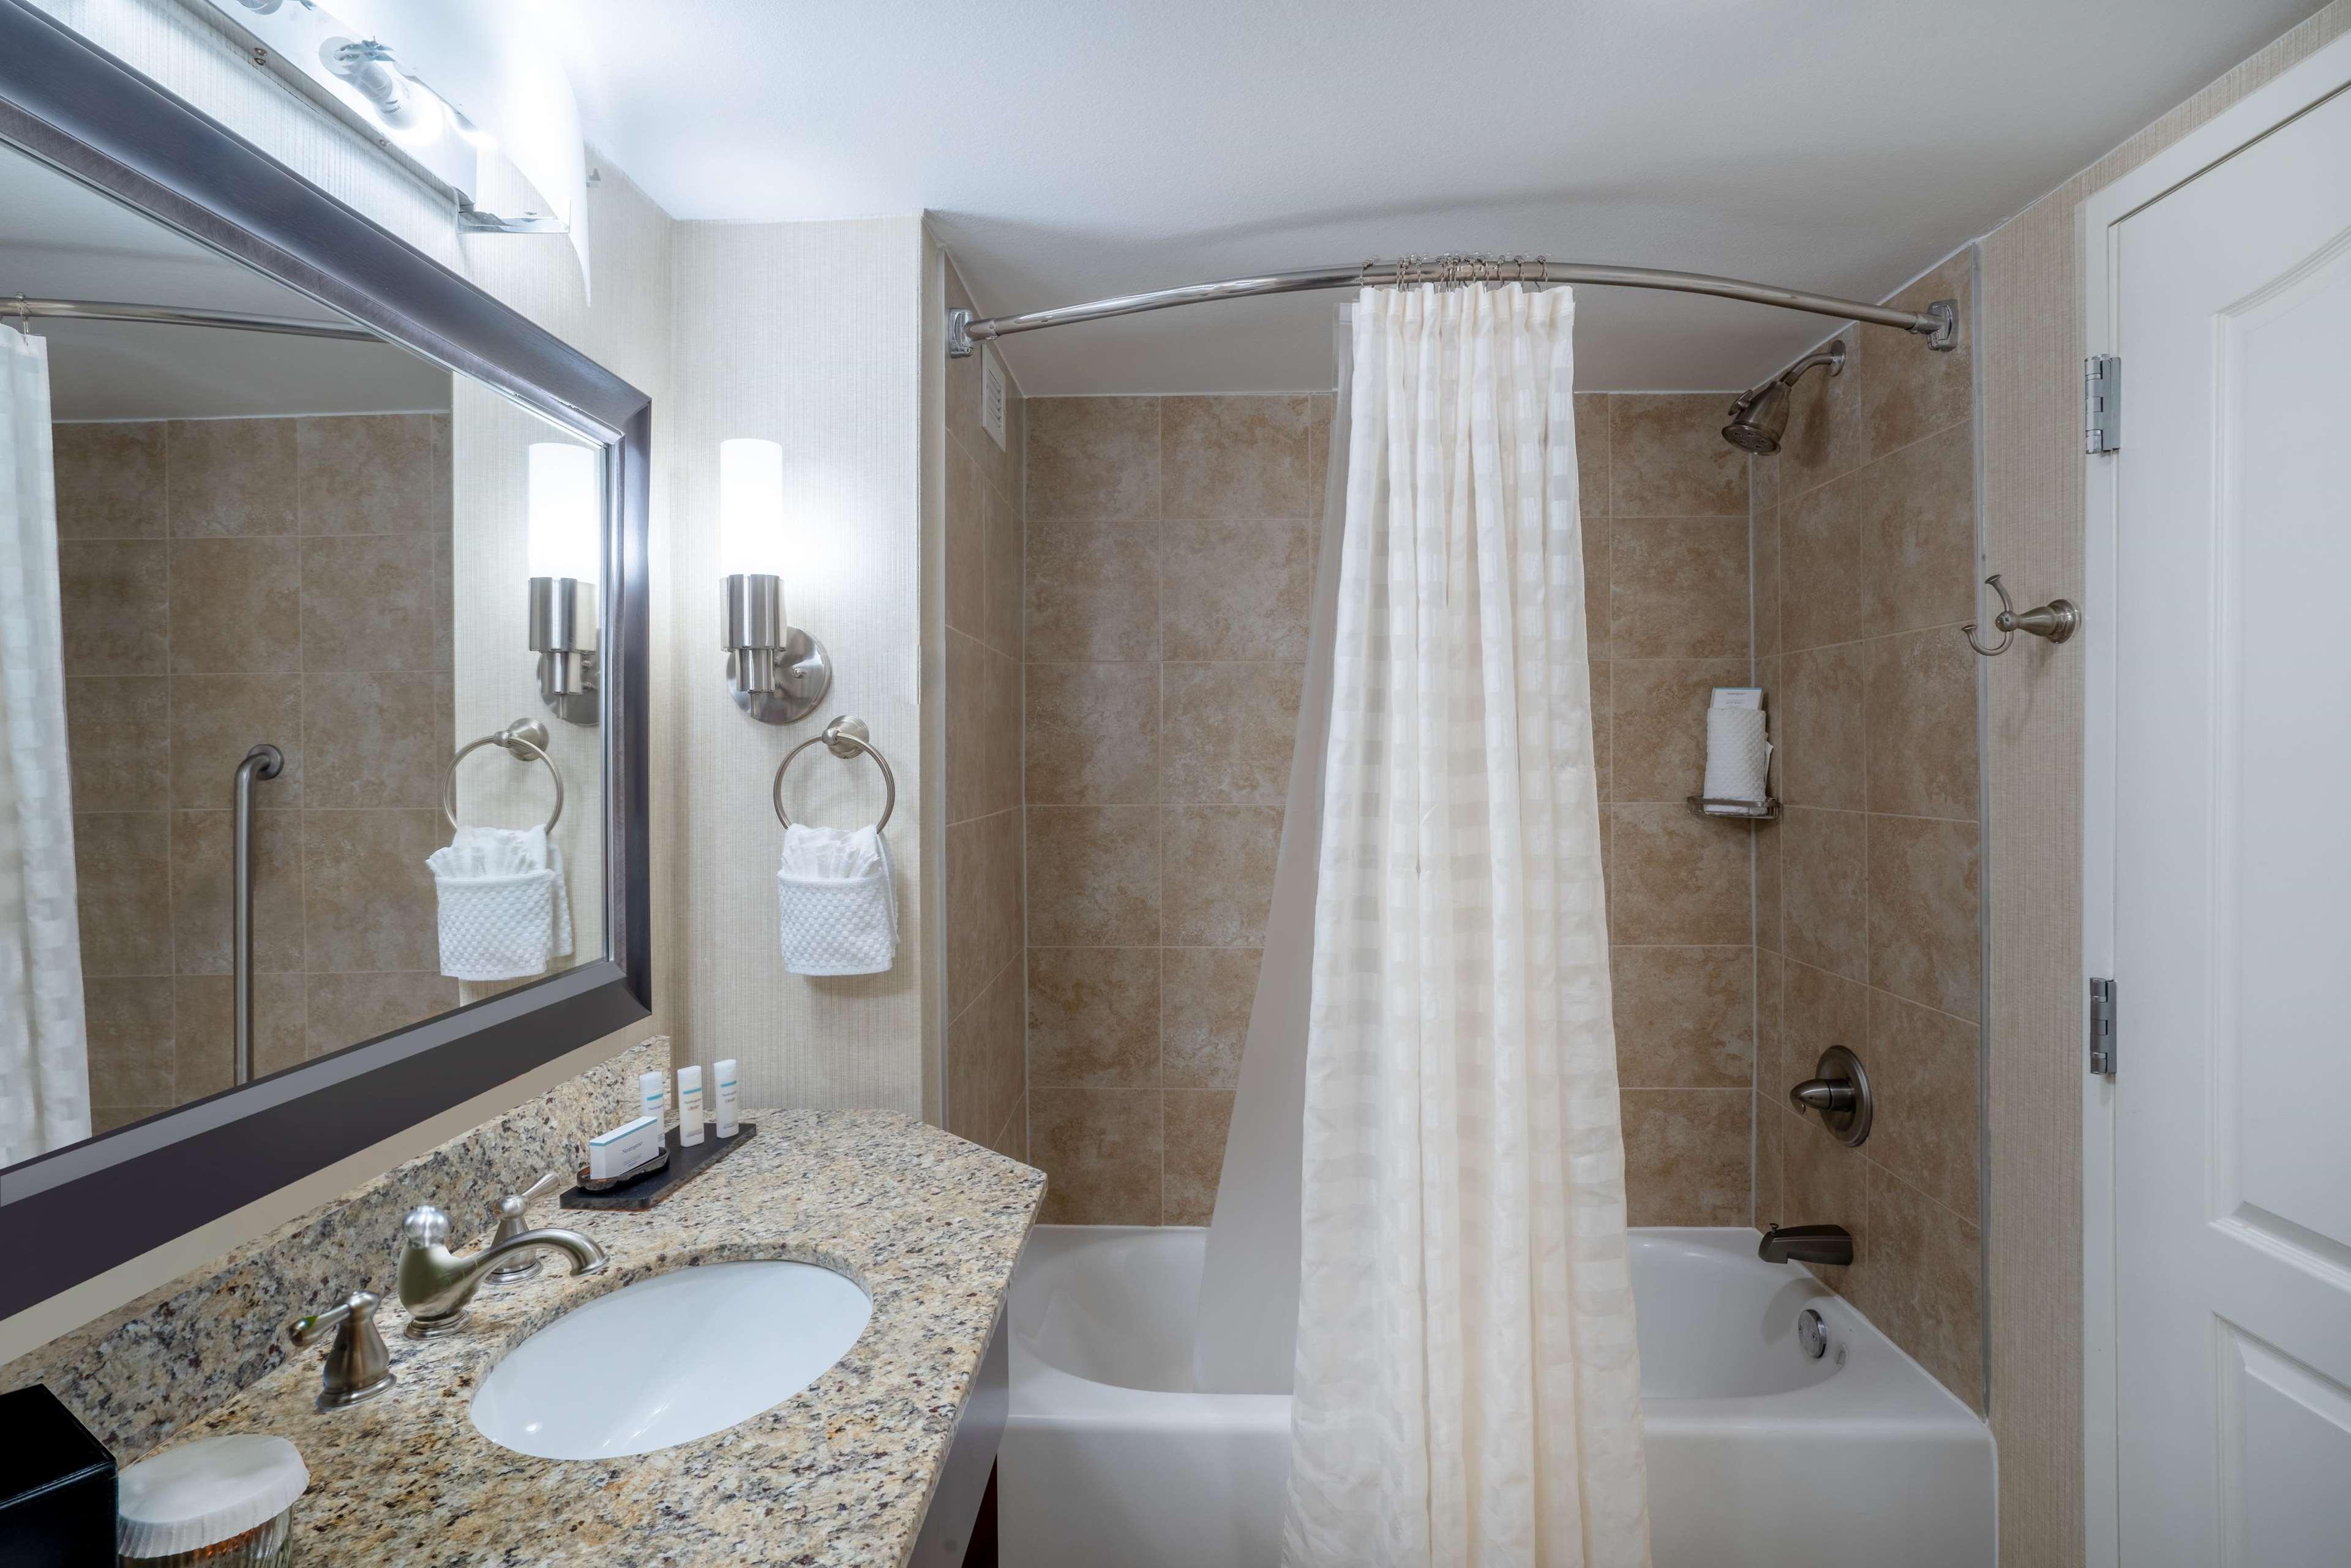 Embassy Suites by Hilton Nashville at Vanderbilt image 48